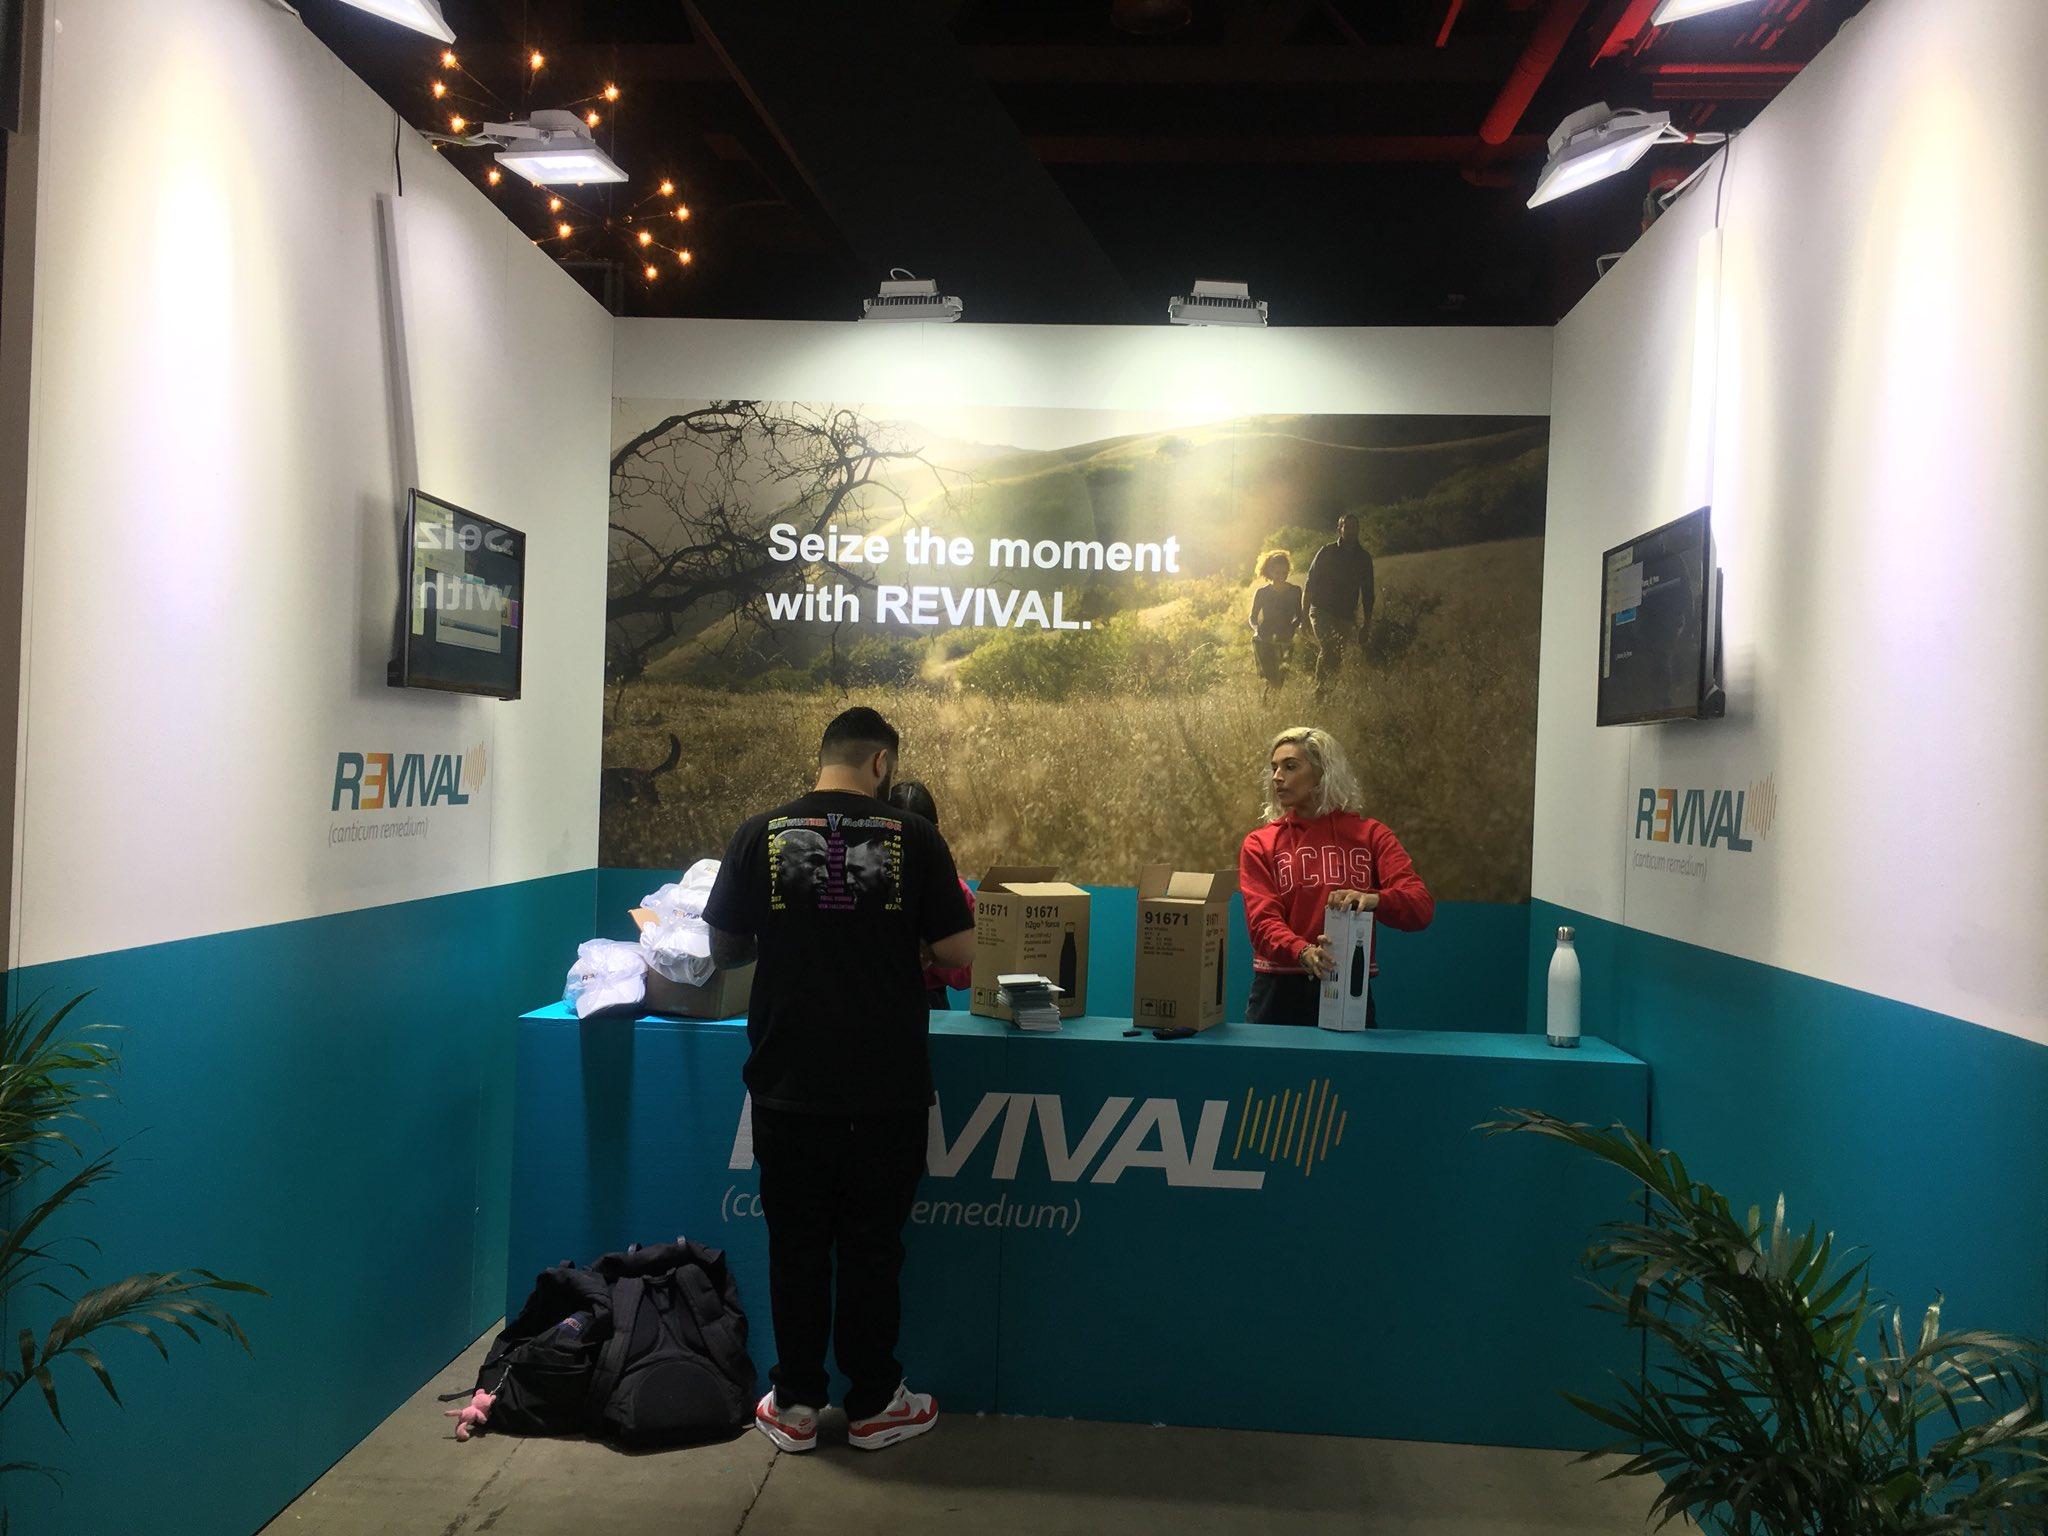 Стенд Revival замечен на ComplexCon 2017